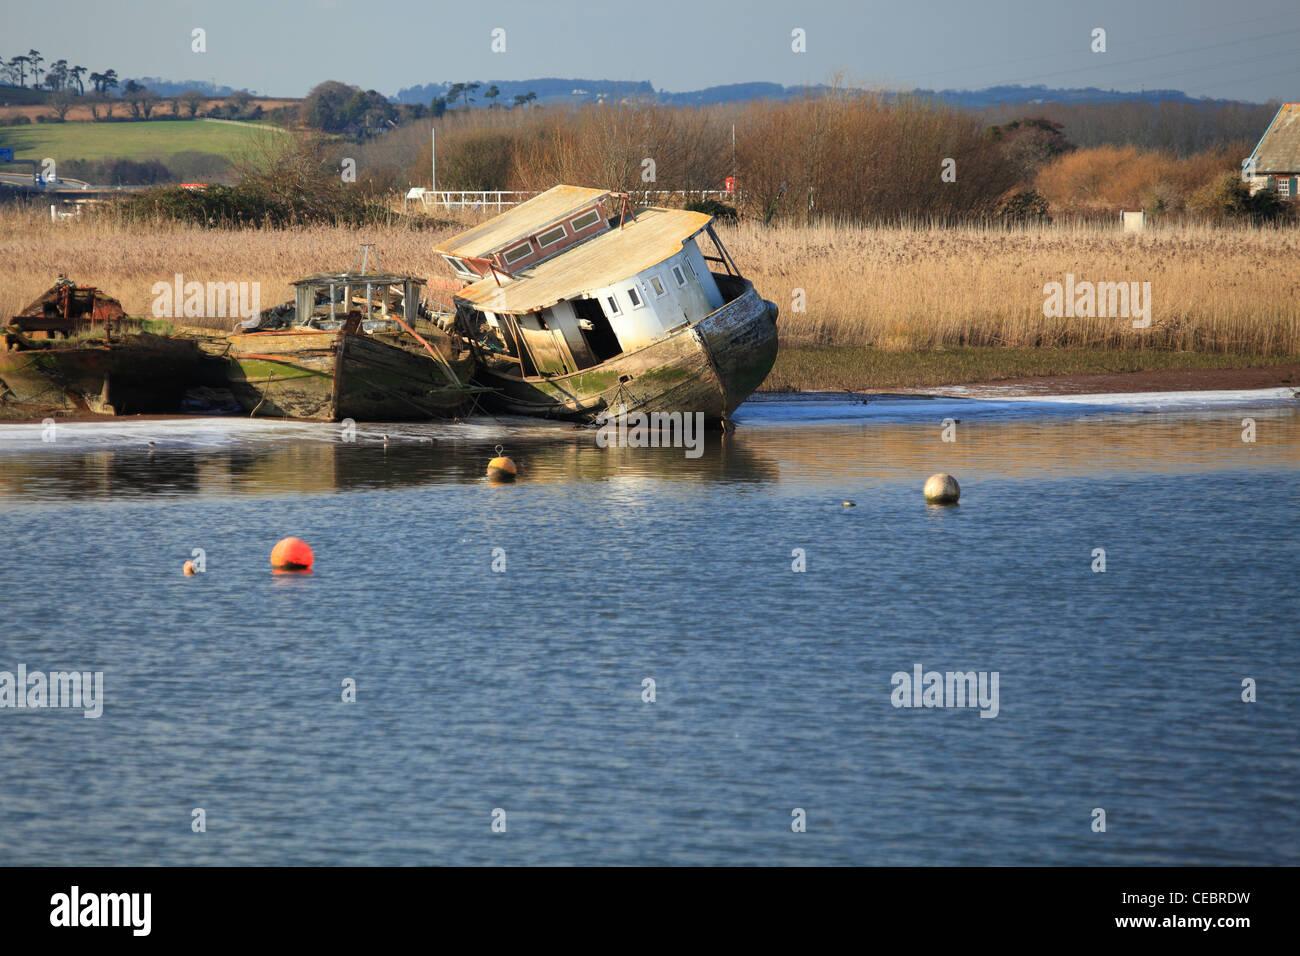 Old boats, Topsham, Exe estuary, Devon, England, UK - Stock Image